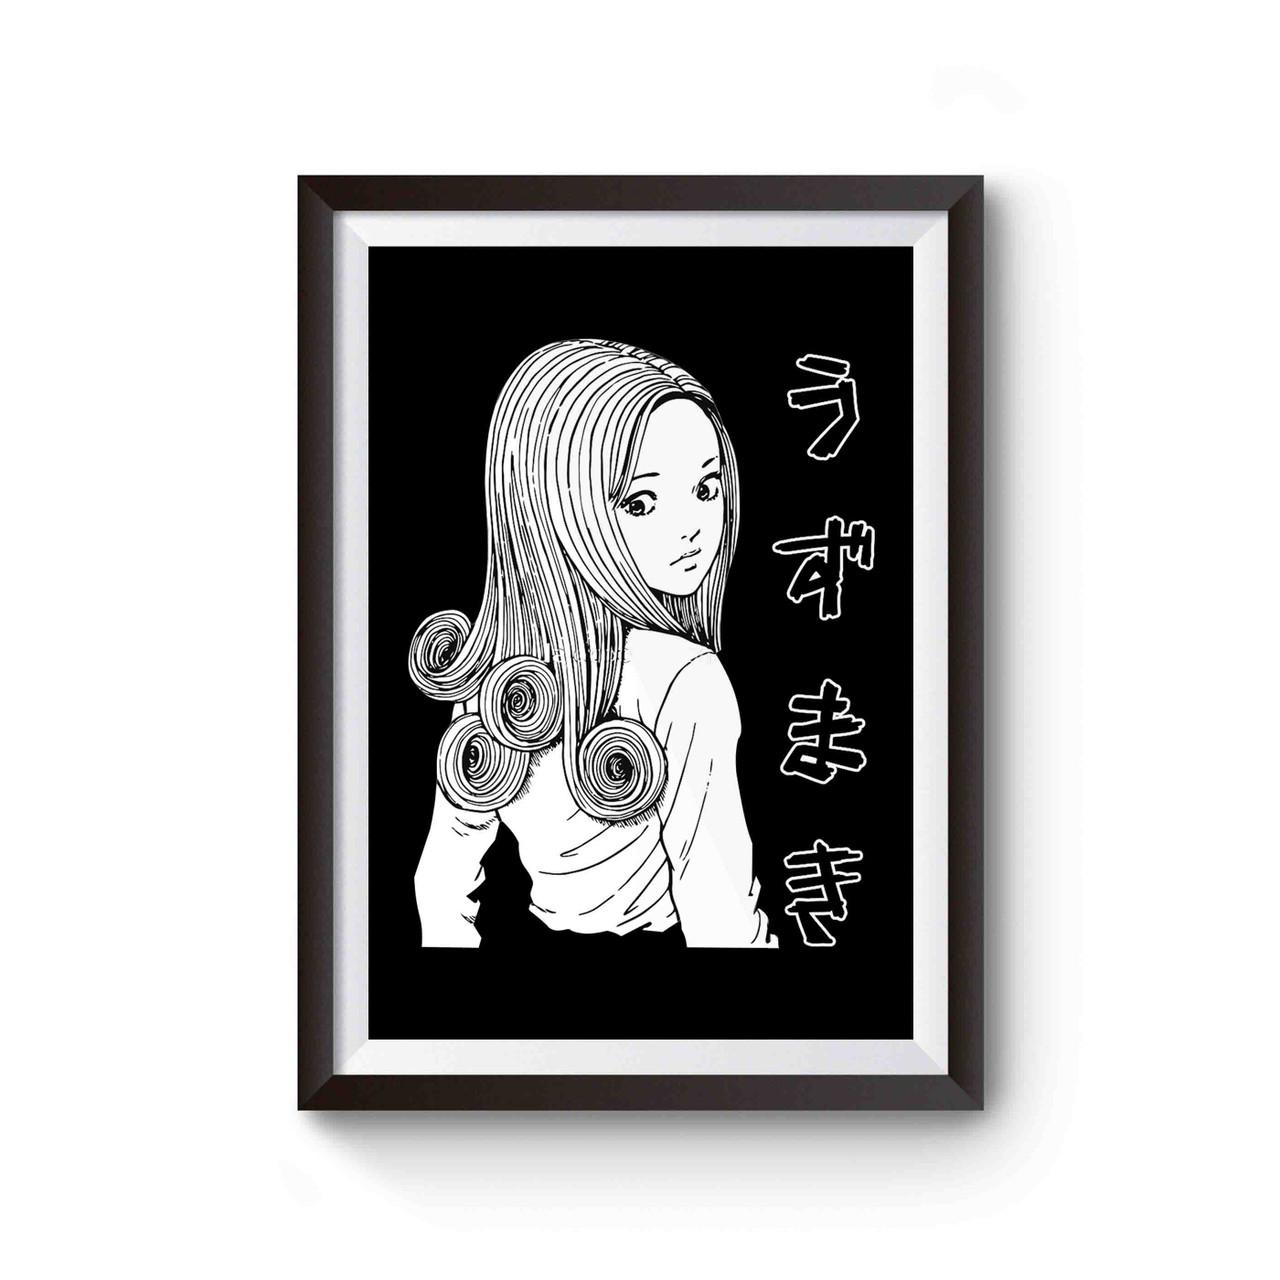 uzumaki kirie goshima junji ito suehiro maruo poster